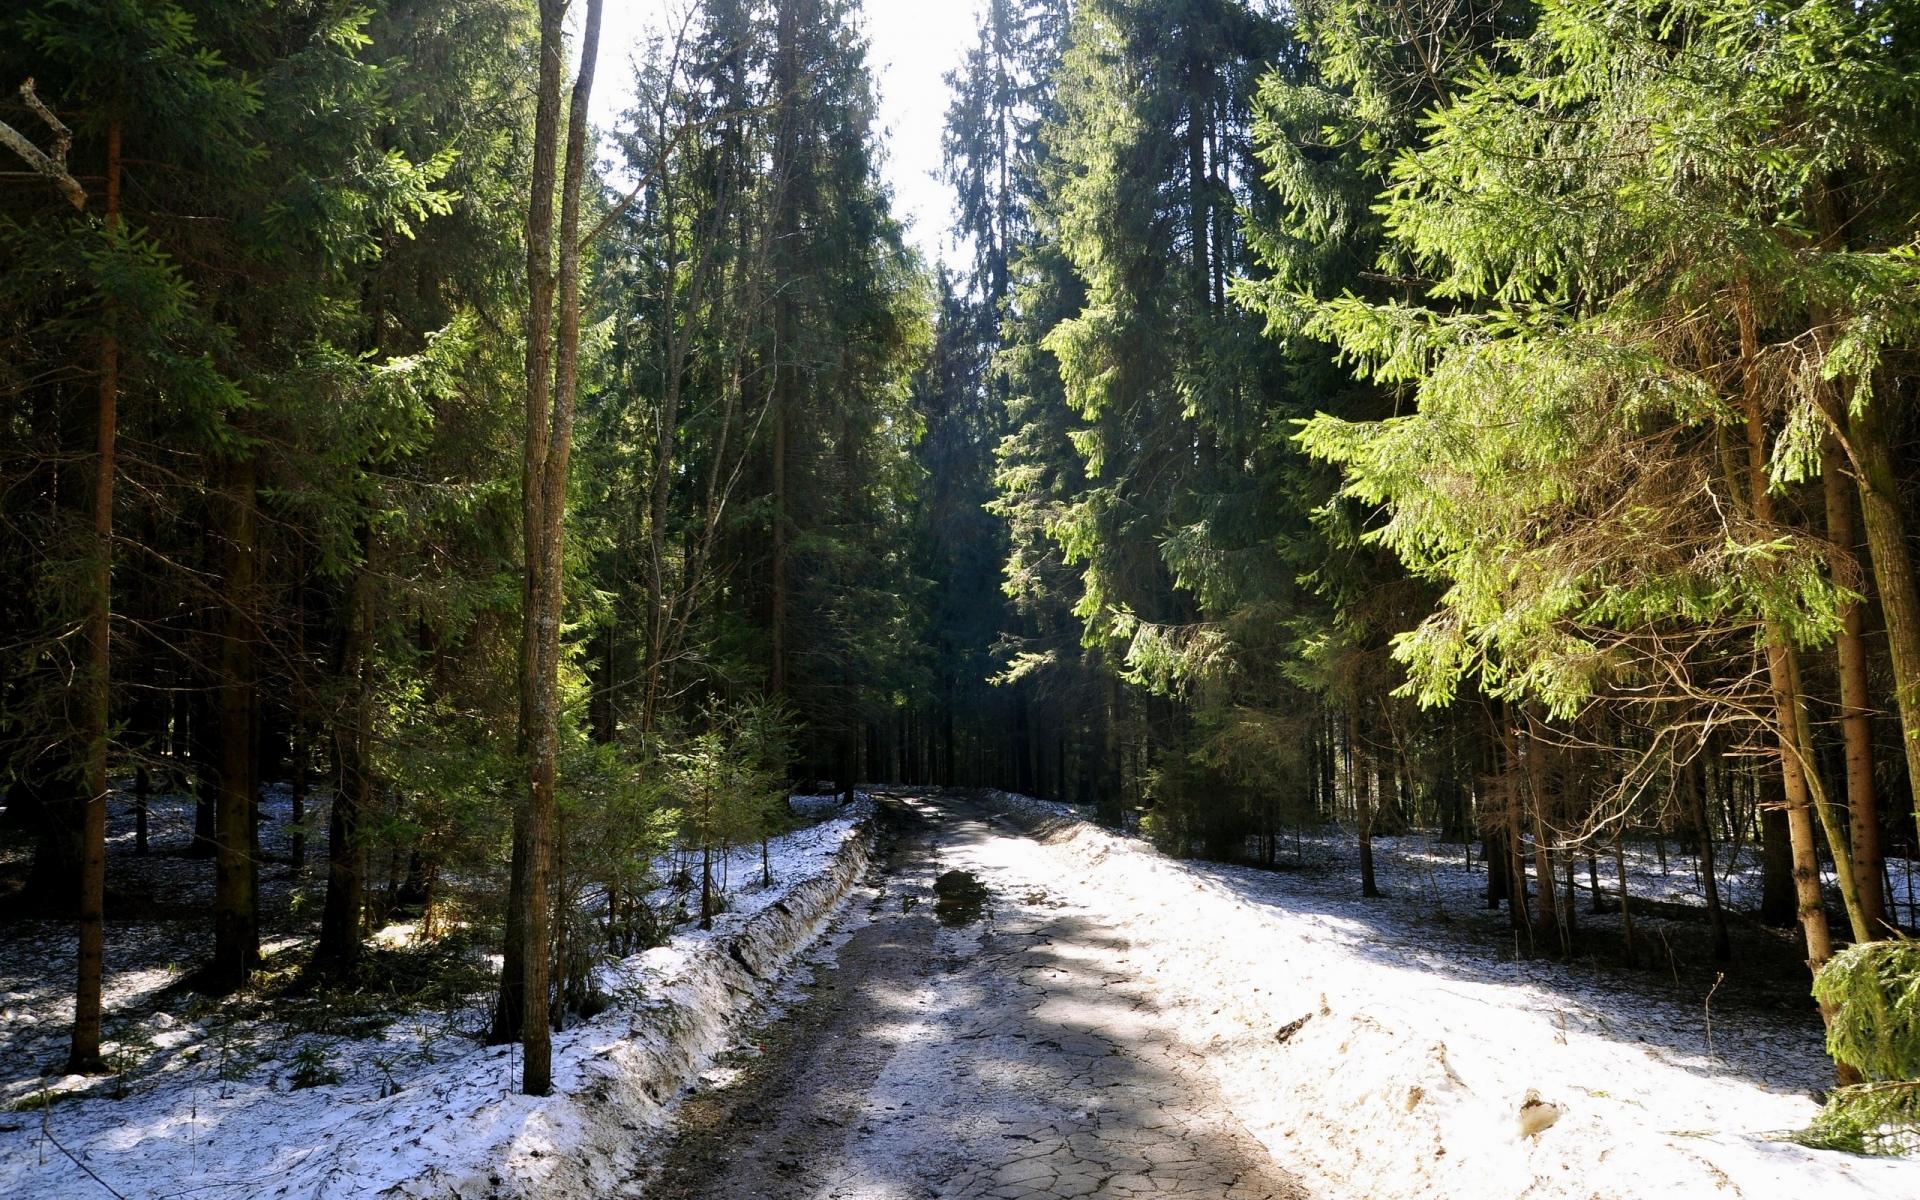 Картинки лес, дорога, трава, грязь, снег фото и обои на рабочий стол